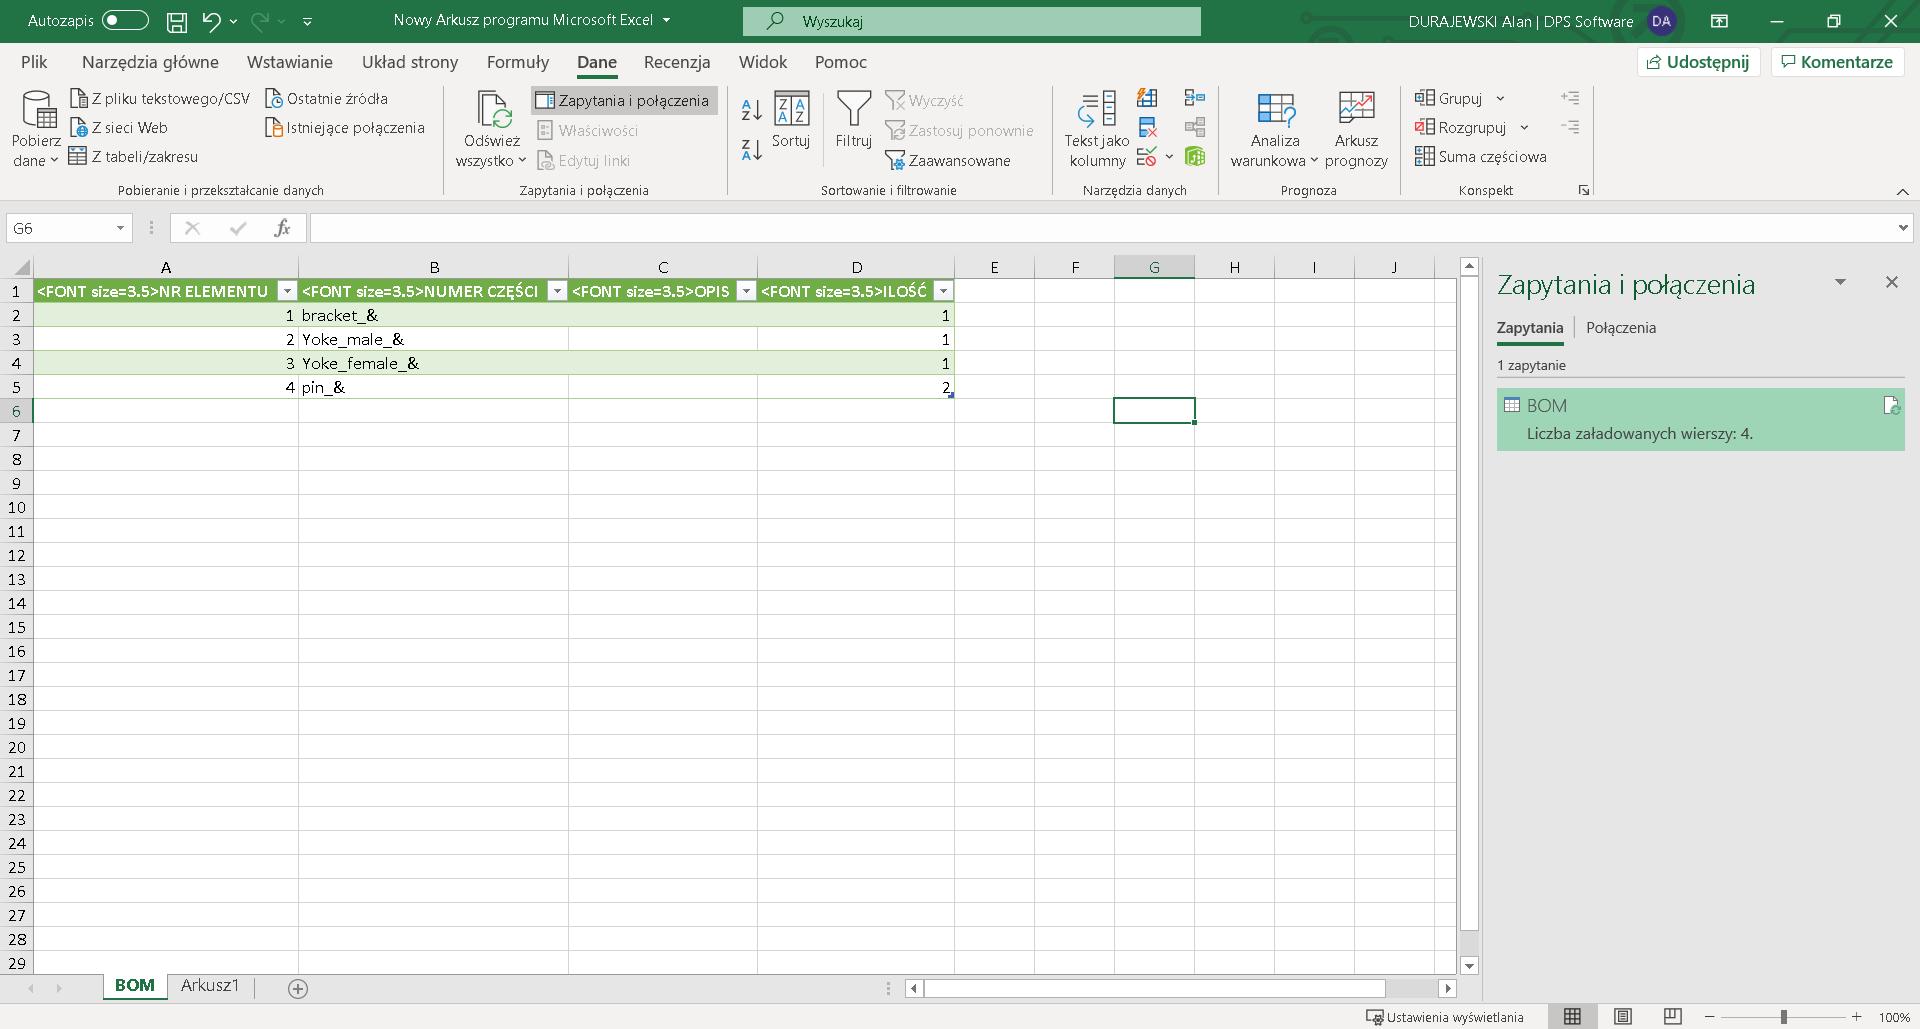 Po odświeżeniu danych, wszystkie kolumny zaktualizowały się na podstawie zapisanego pliku csv.